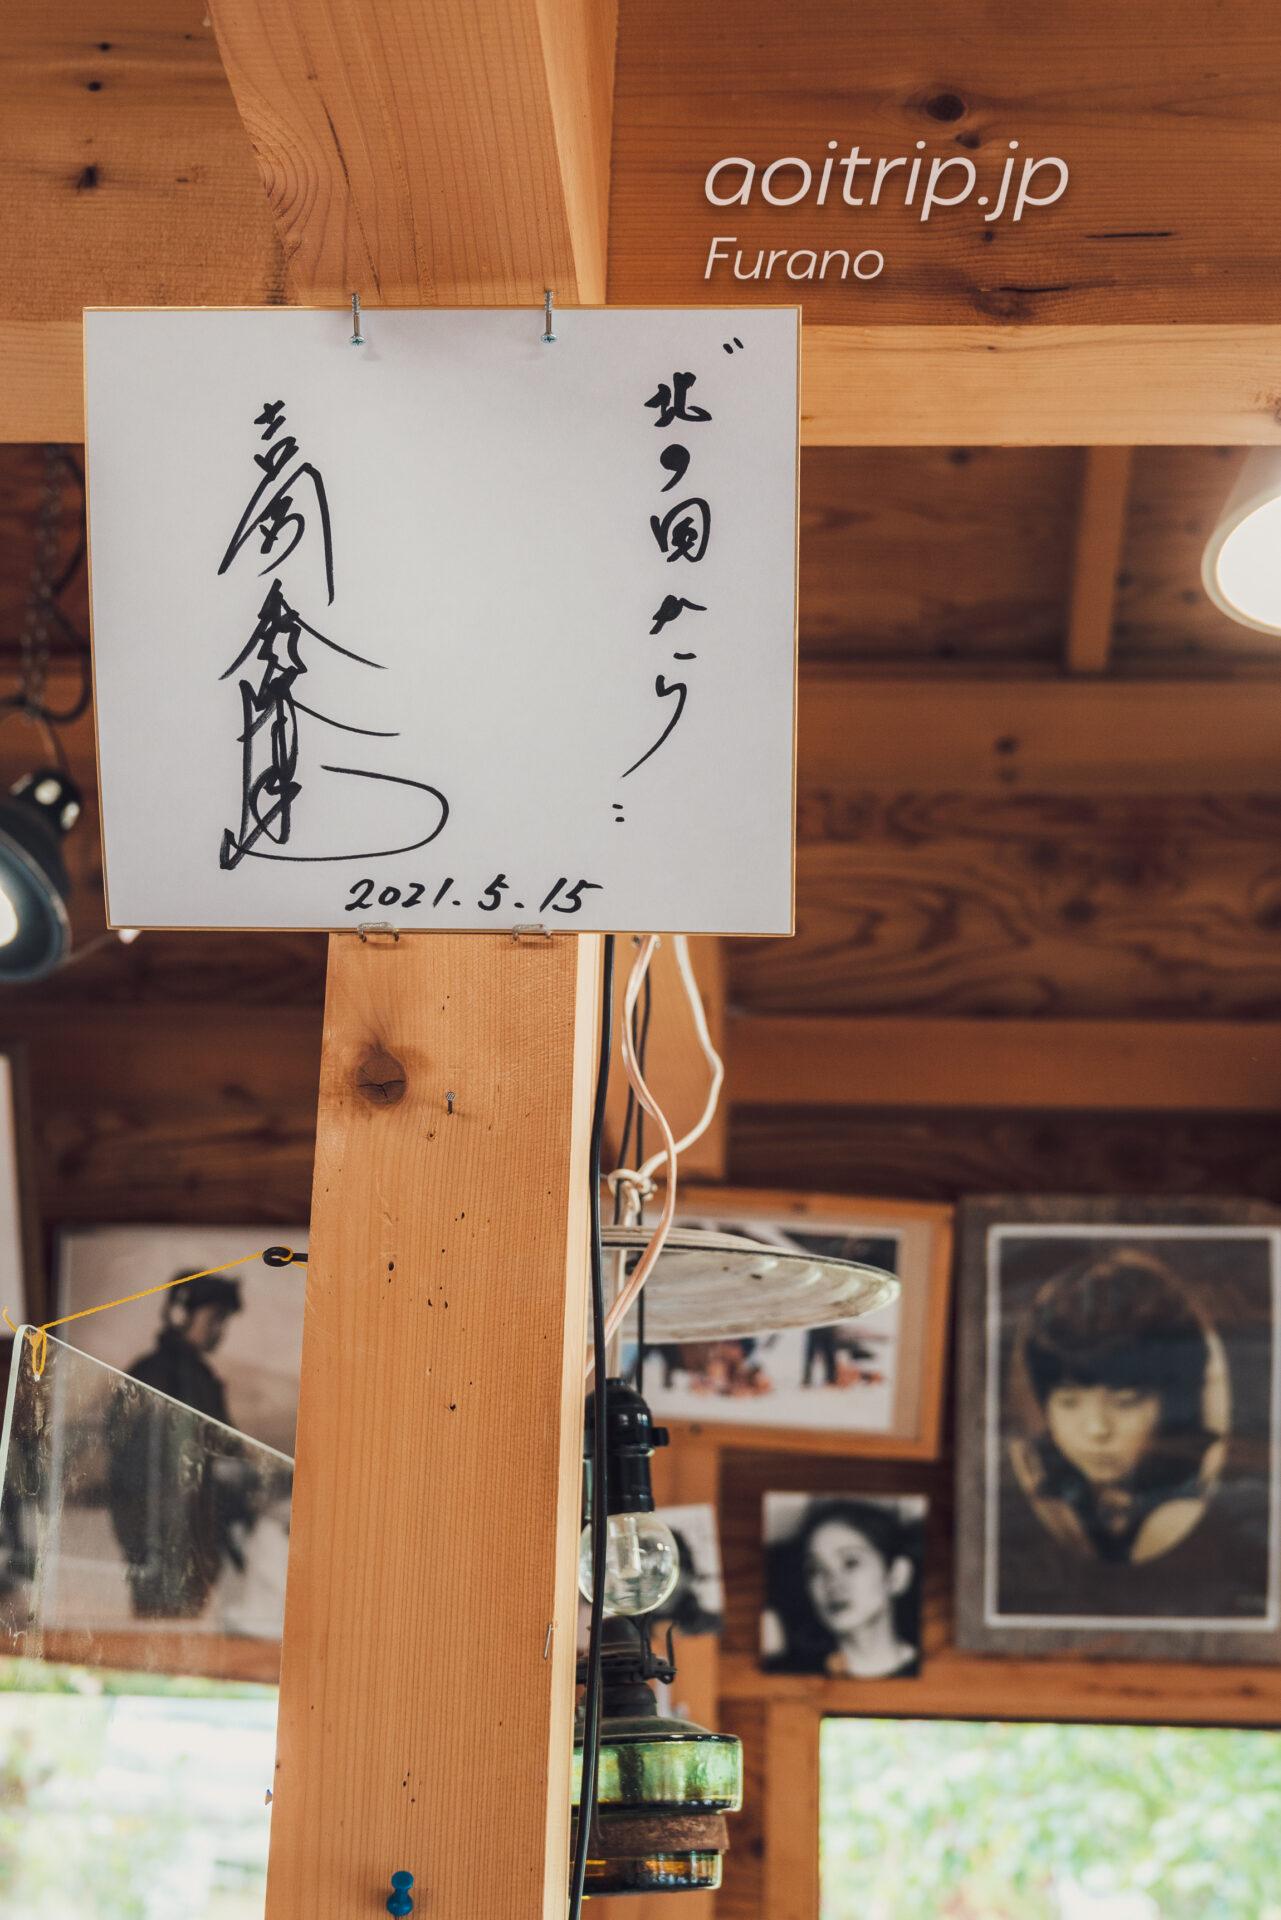 五郎の石の家(Goro's Stone House)吉岡秀隆さんのサイン